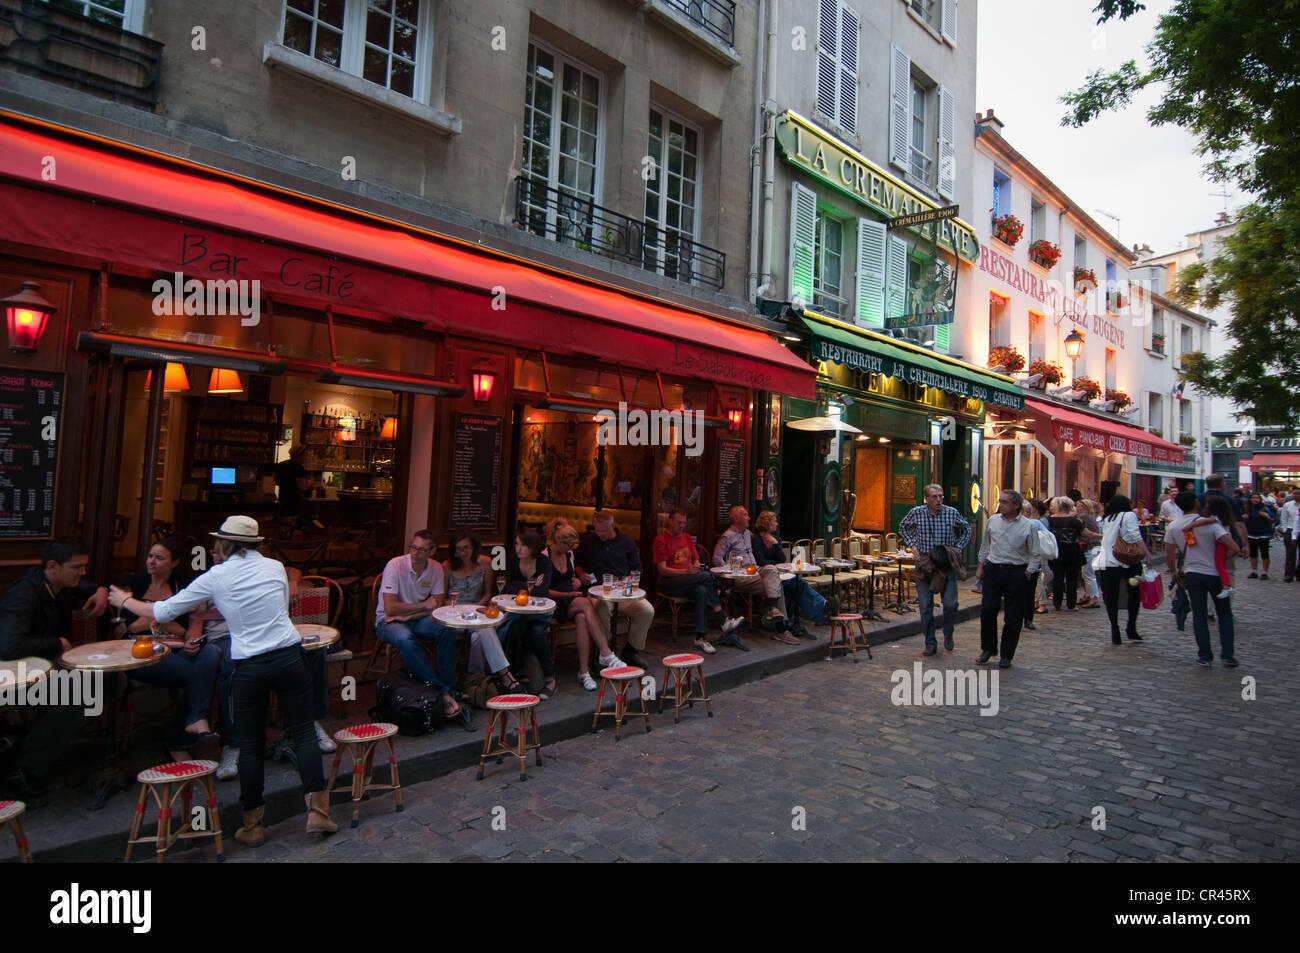 People In Street Restaurants In Montmartre Paris Stock Photo Alamy